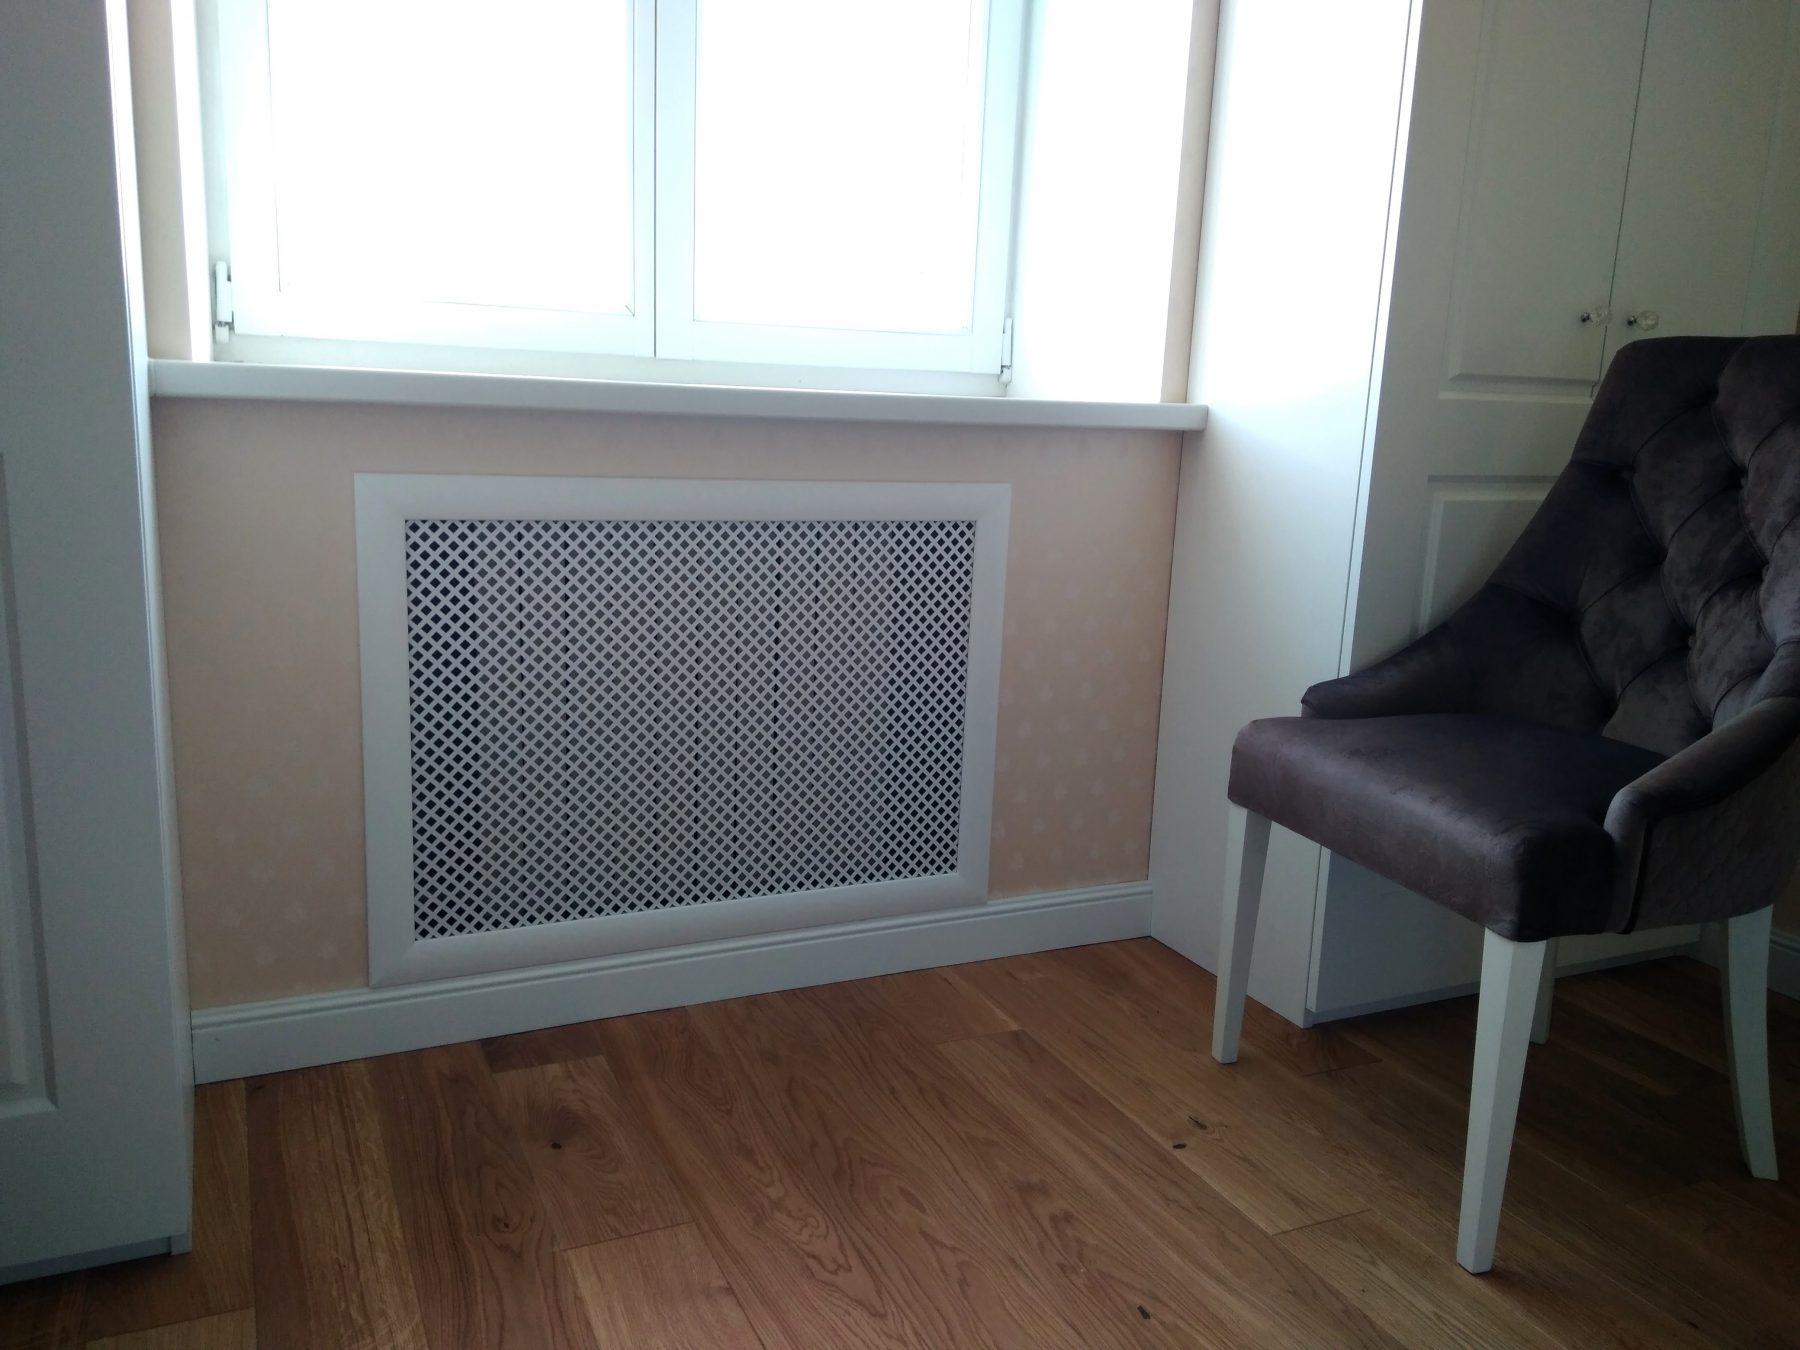 Как закрыть батарею отопления в комнате (фото): можно ли зашить радиаторы гипсокартоном